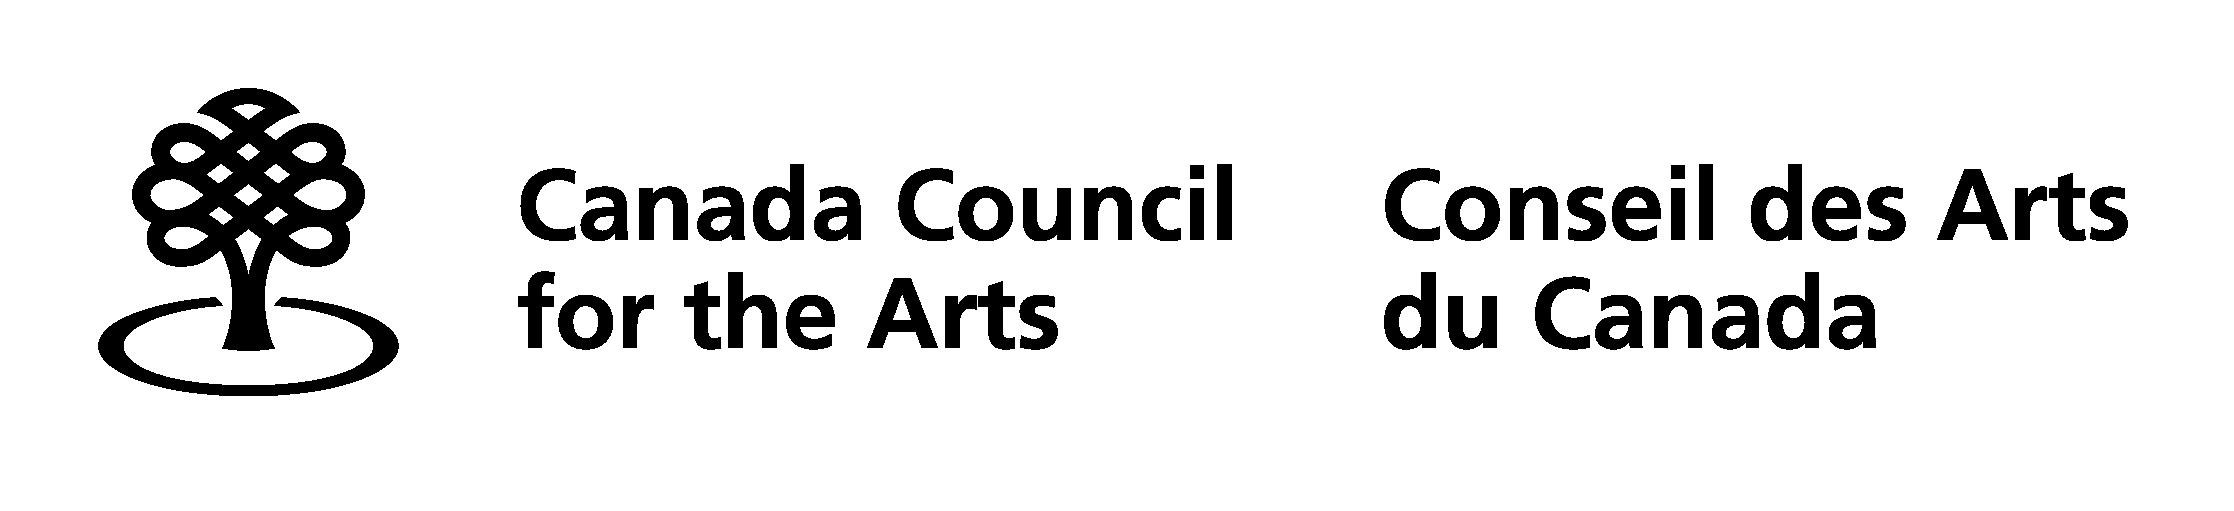 Canada-Council-logo